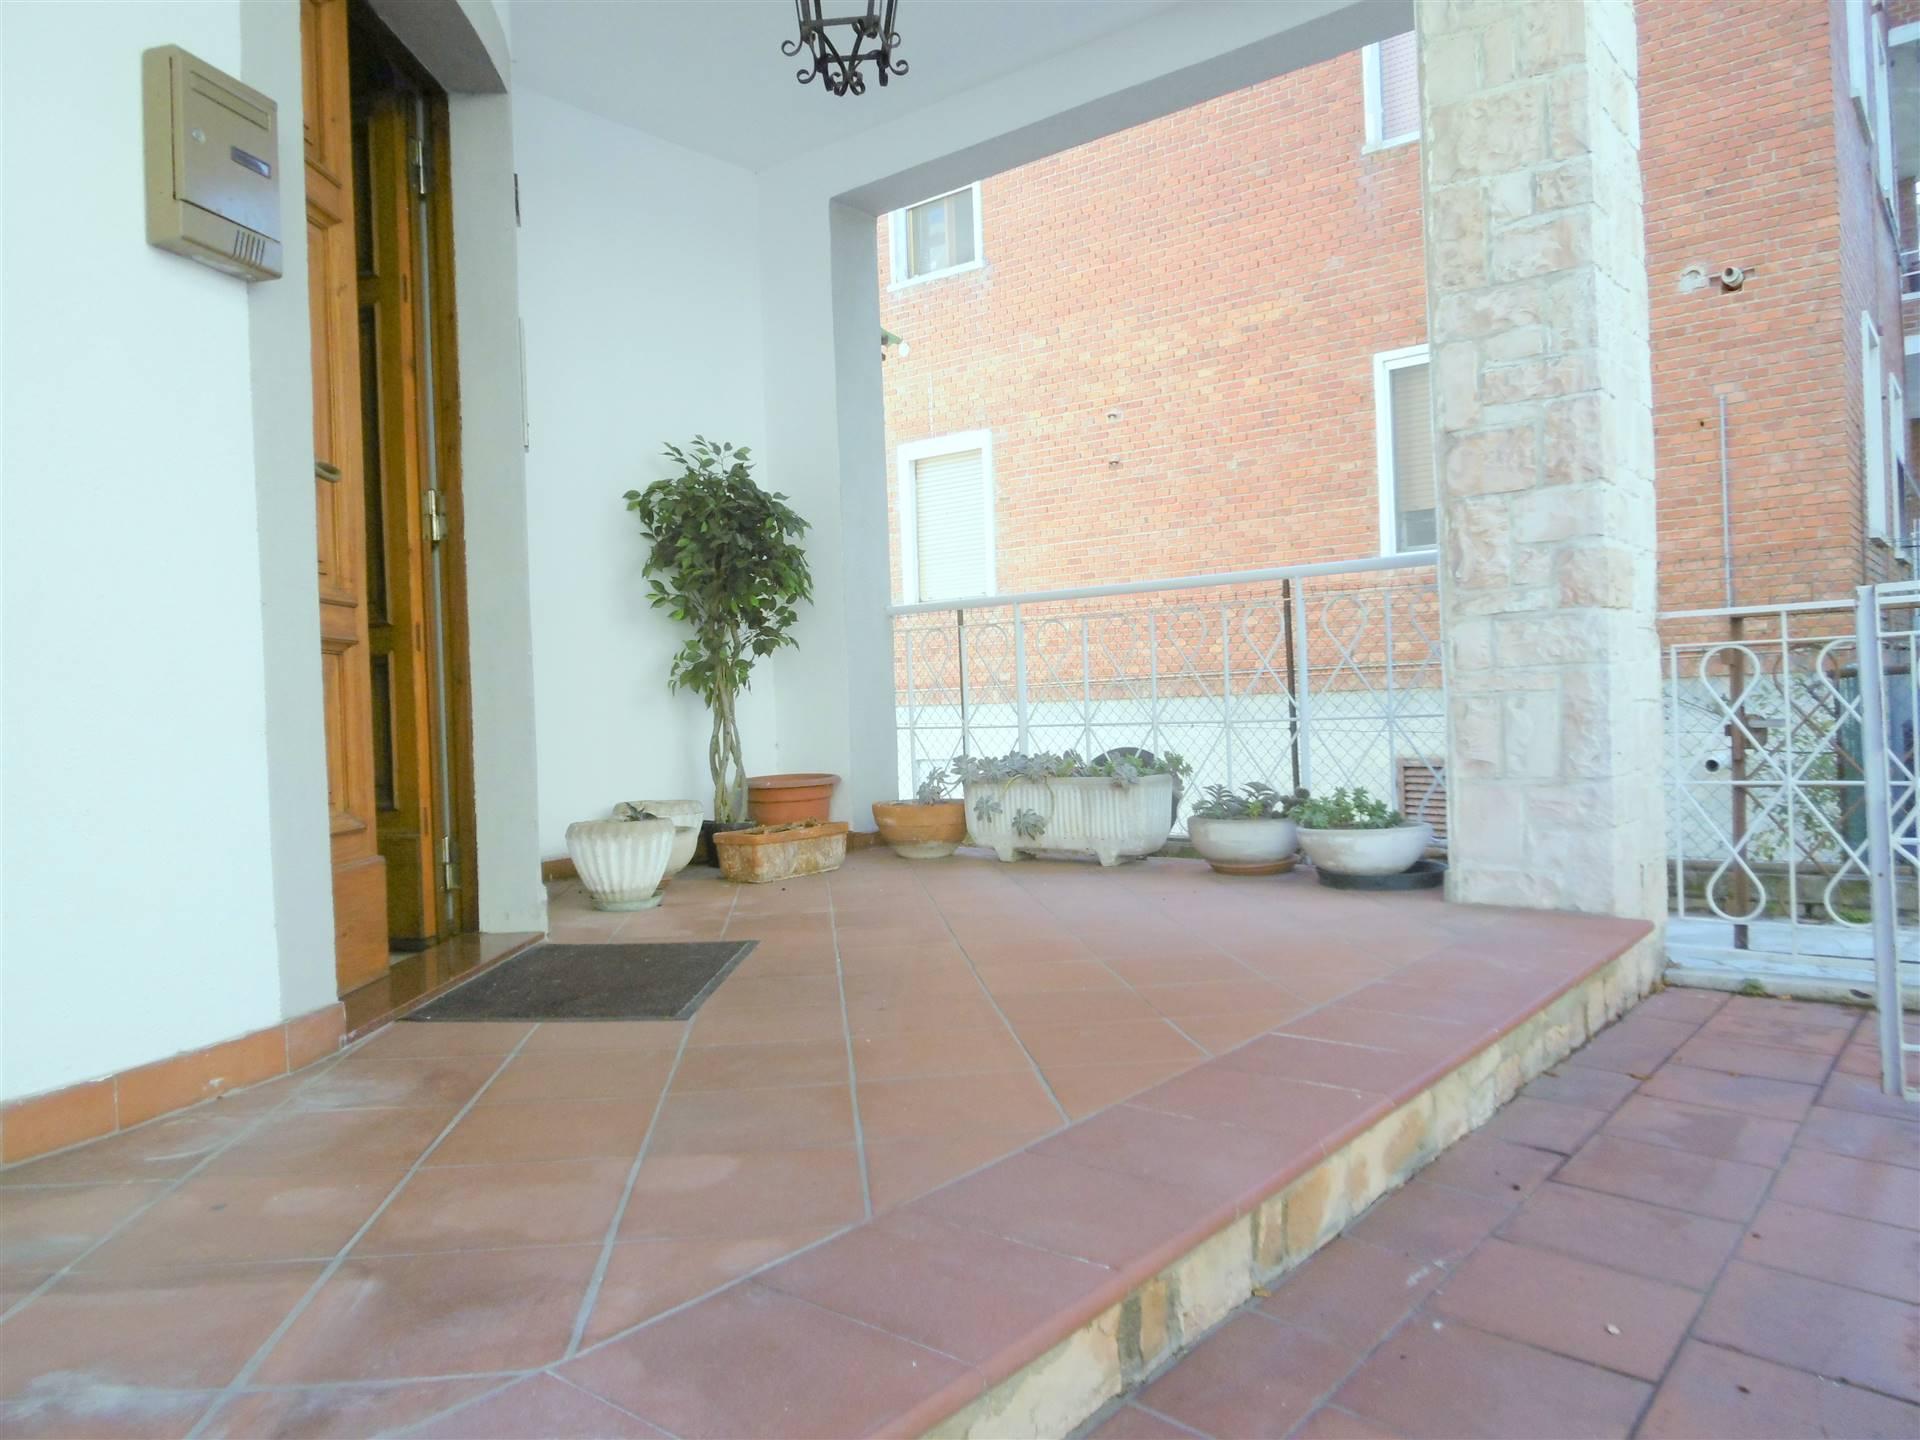 OSIMO, Wohnung zu verkaufen von 100 Qm, Bewohnbar, Heizung Unabhaengig, am boden 1° auf 1, zusammengestellt von: 4 Raume, Separate Küche, , 3 Zimmer,